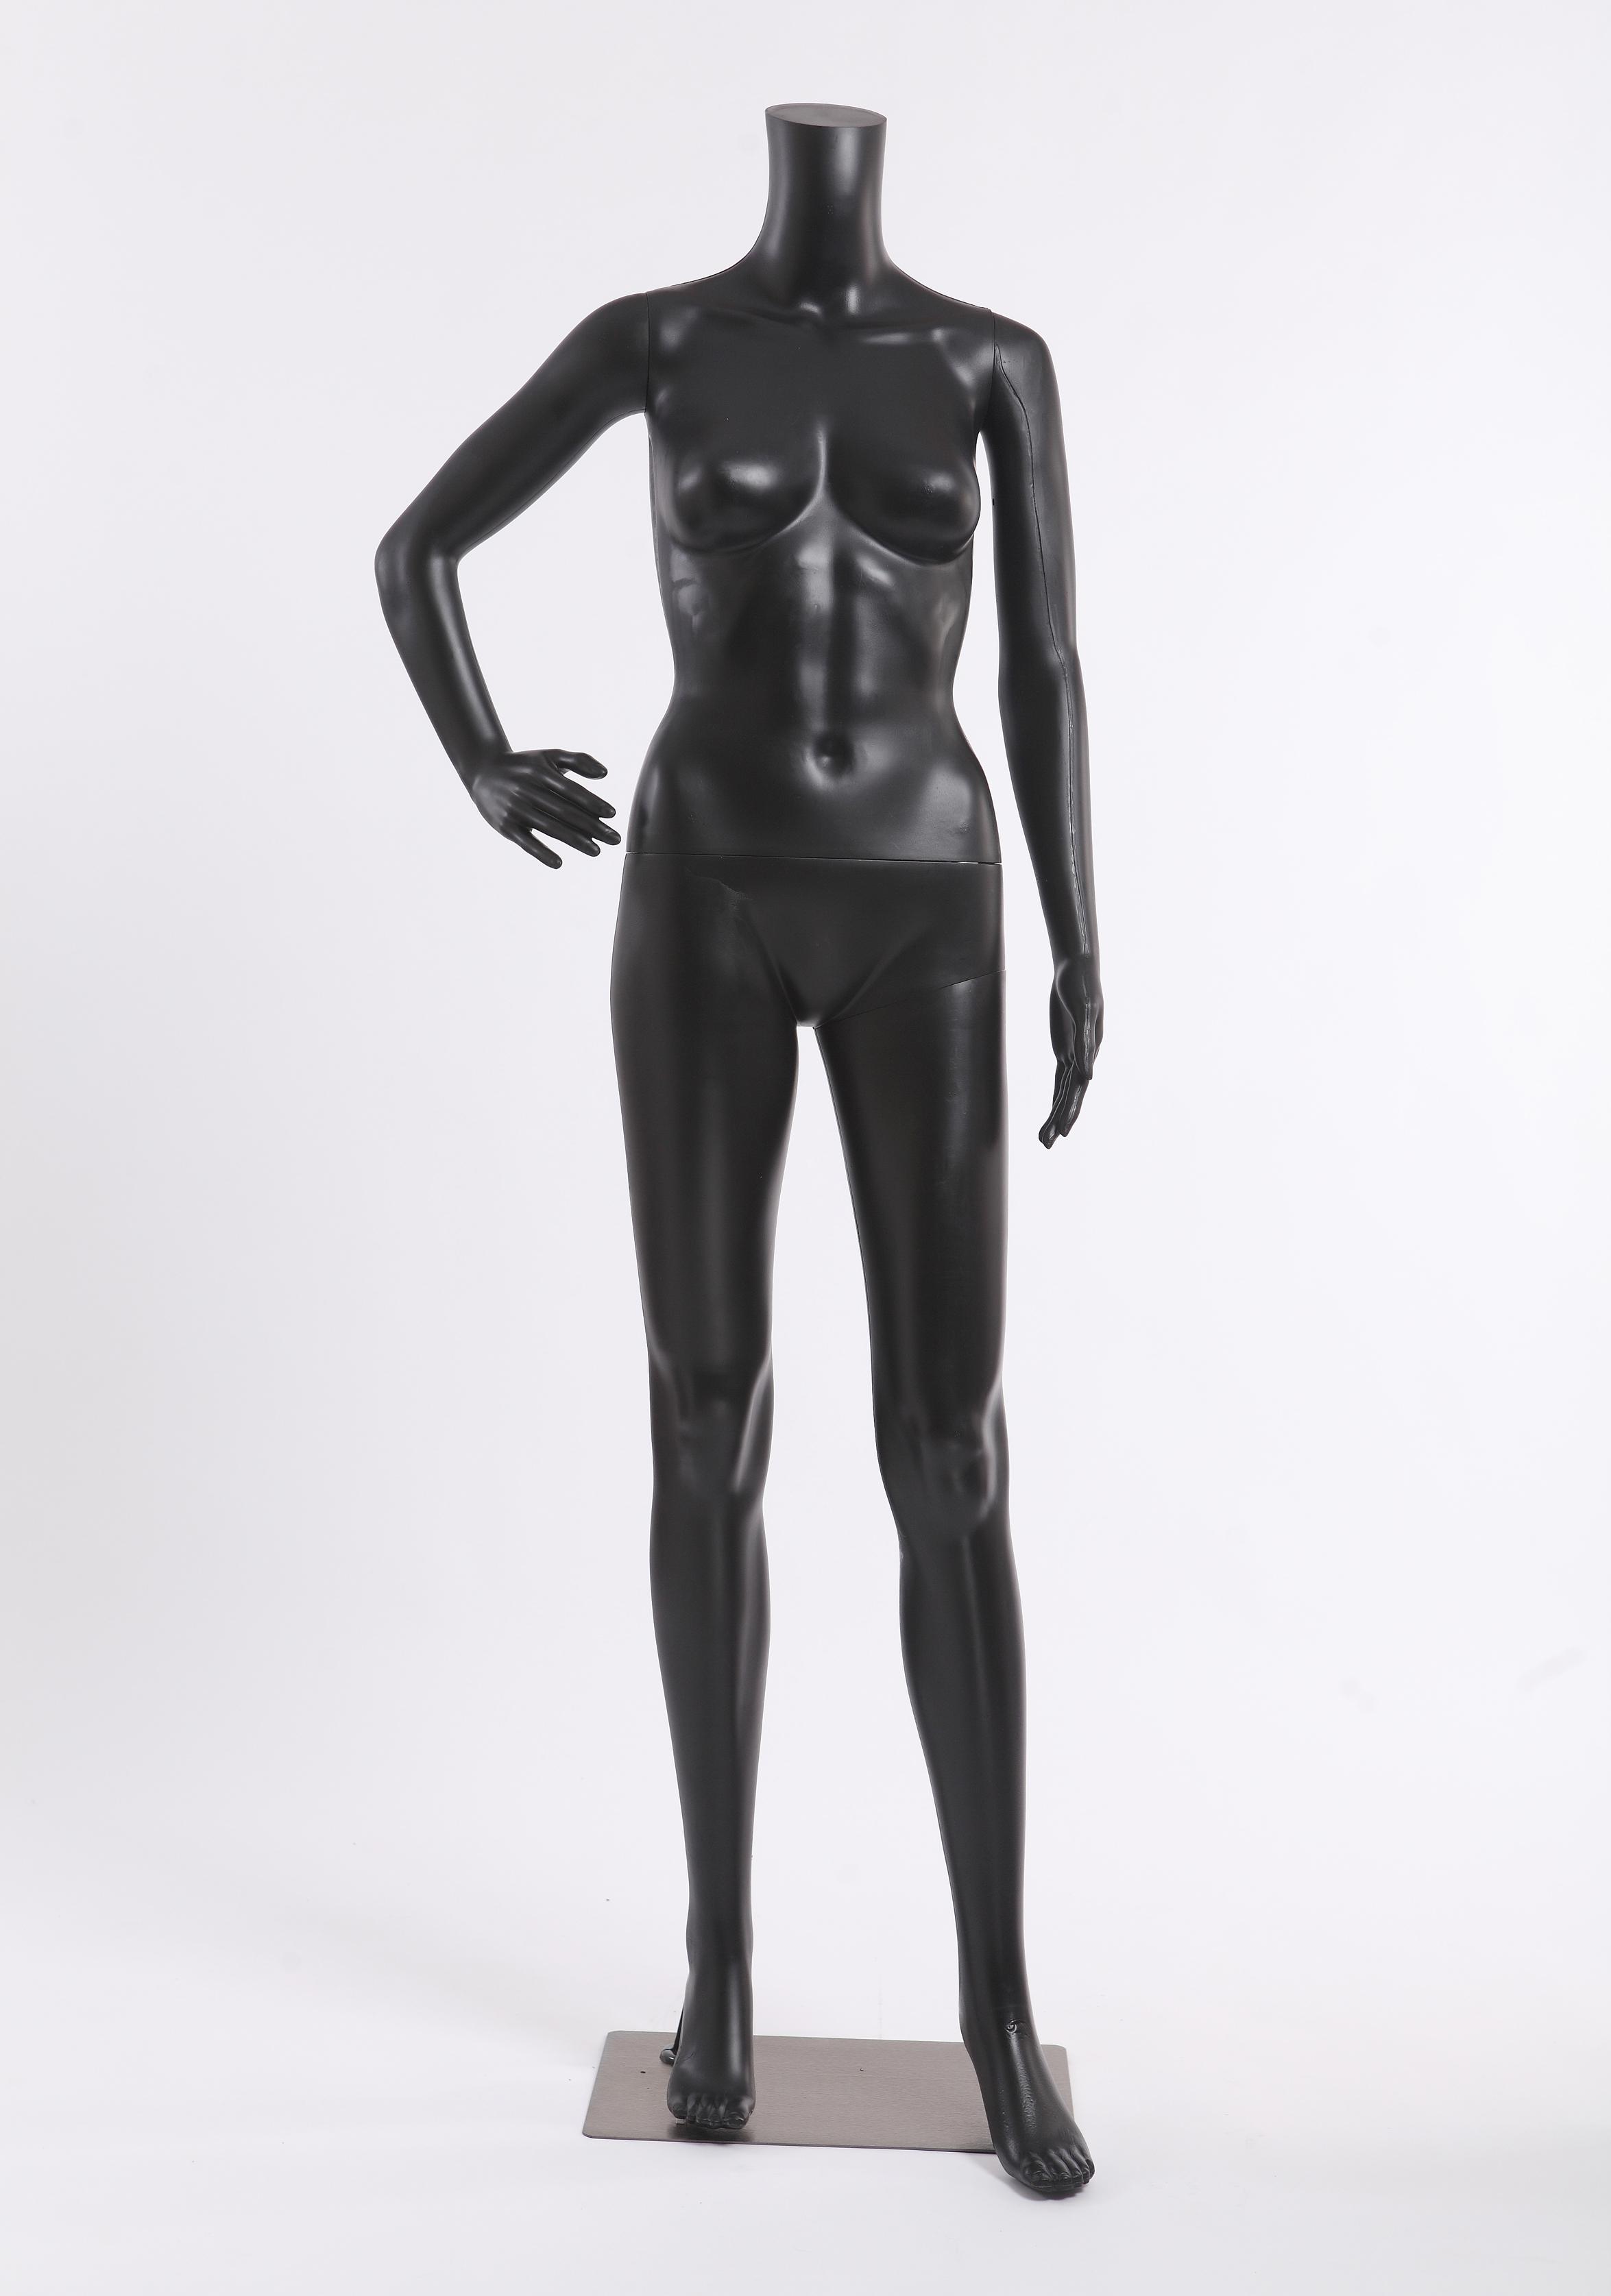 fb11b abstrakt weiblich schaufensterpuppe schwarz matt ohne kopf mannequin new. Black Bedroom Furniture Sets. Home Design Ideas